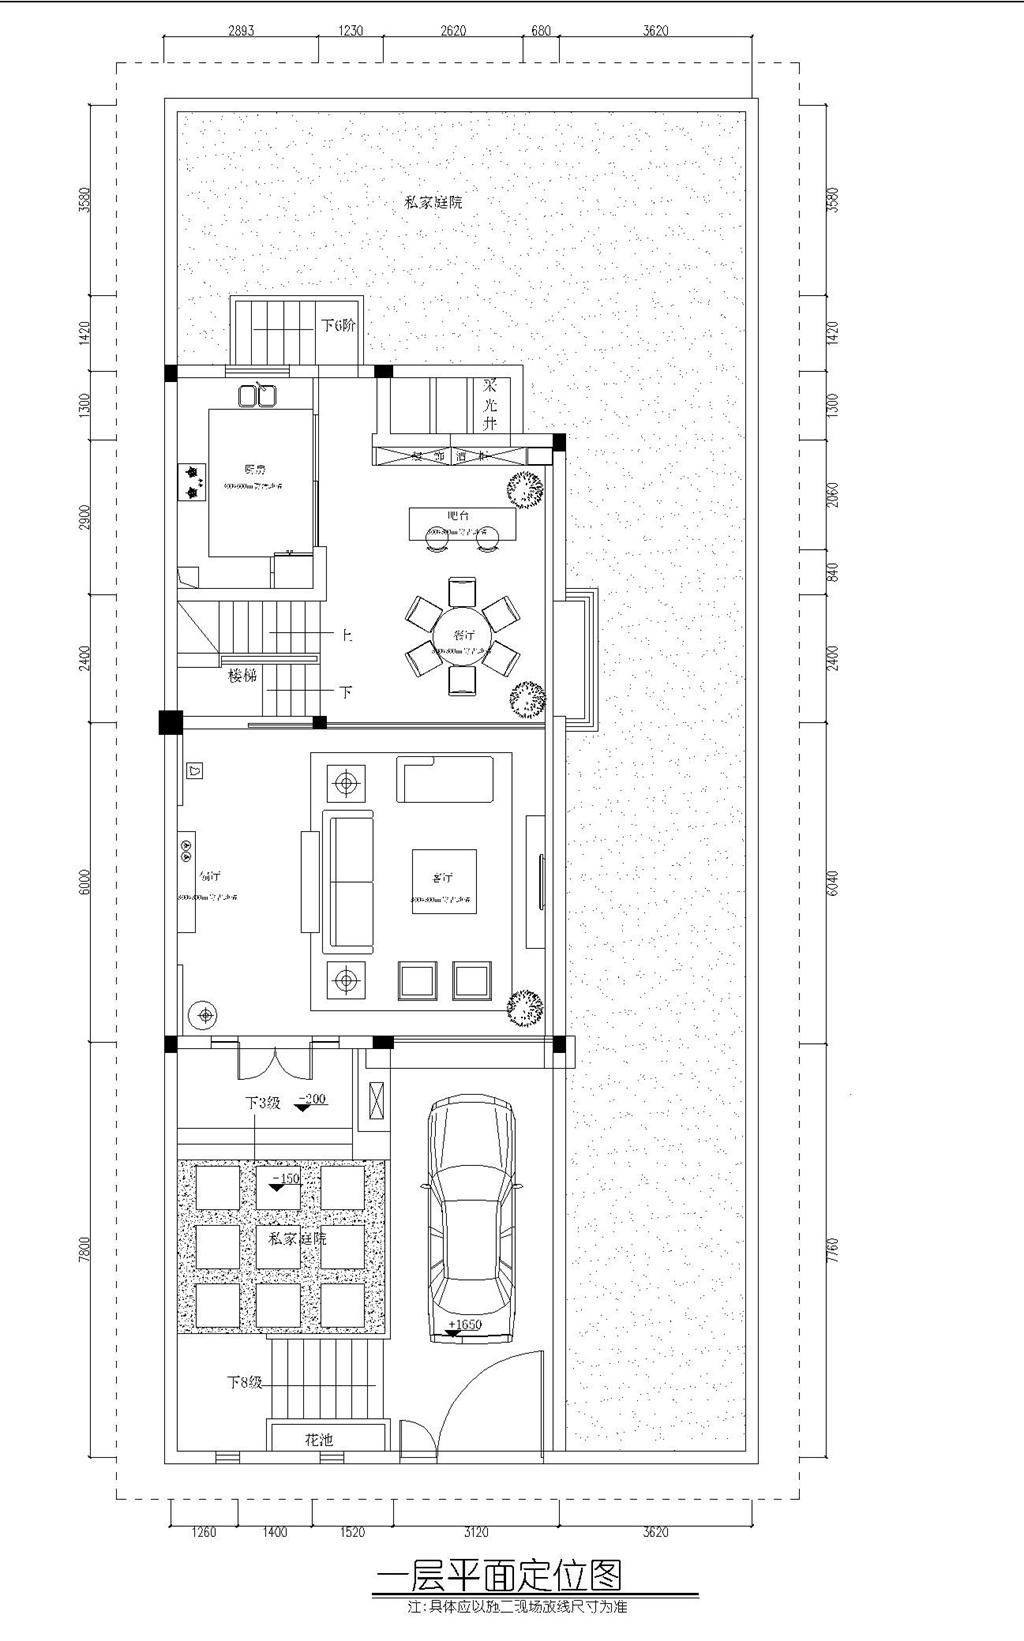 保利五月花 现代风格效果图 360平米 别墅装饰设计装修设计理念